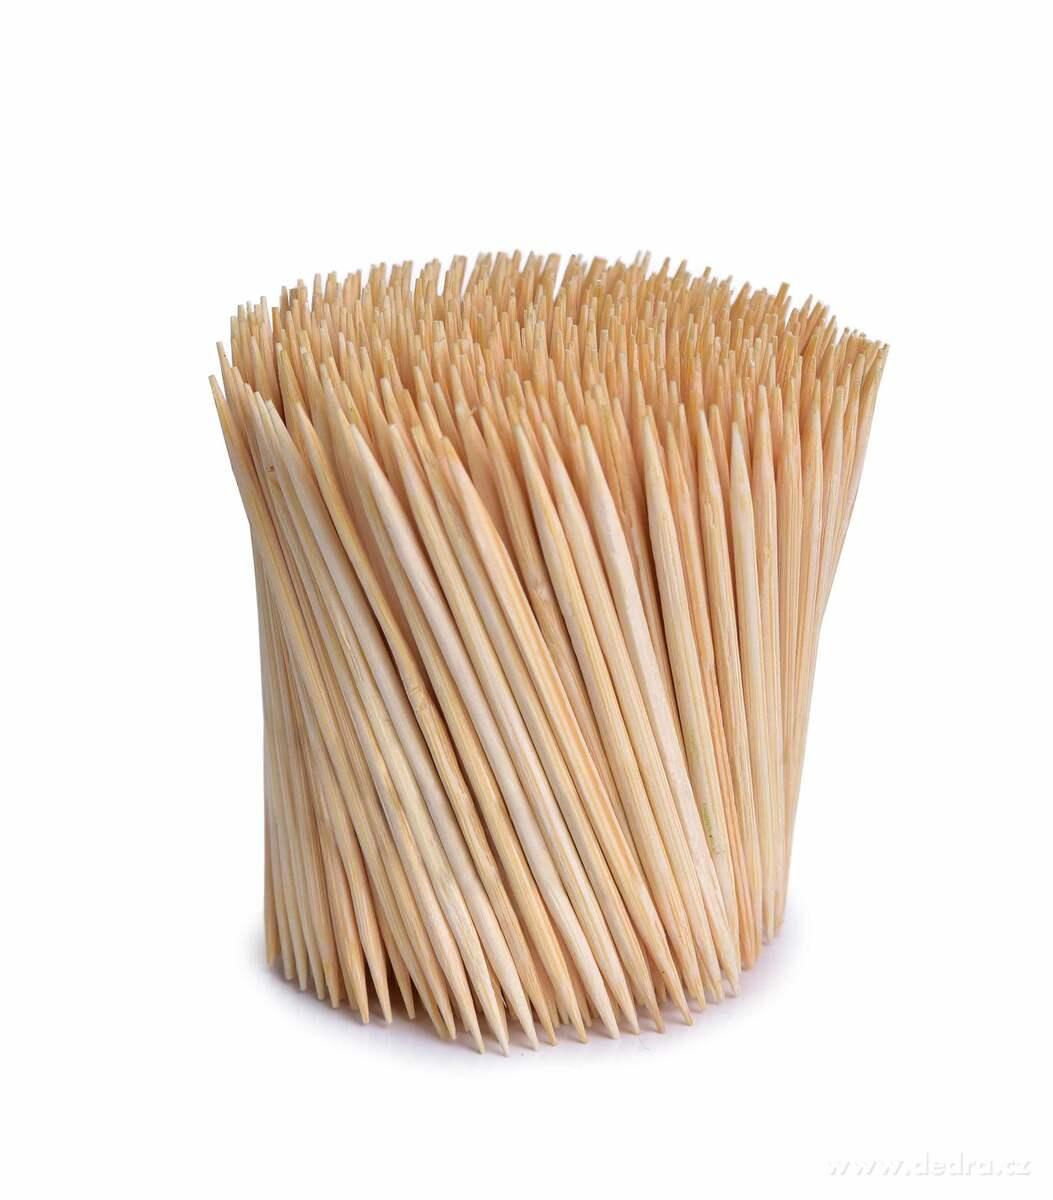 500 ks bambusové špáradlá GoEco®